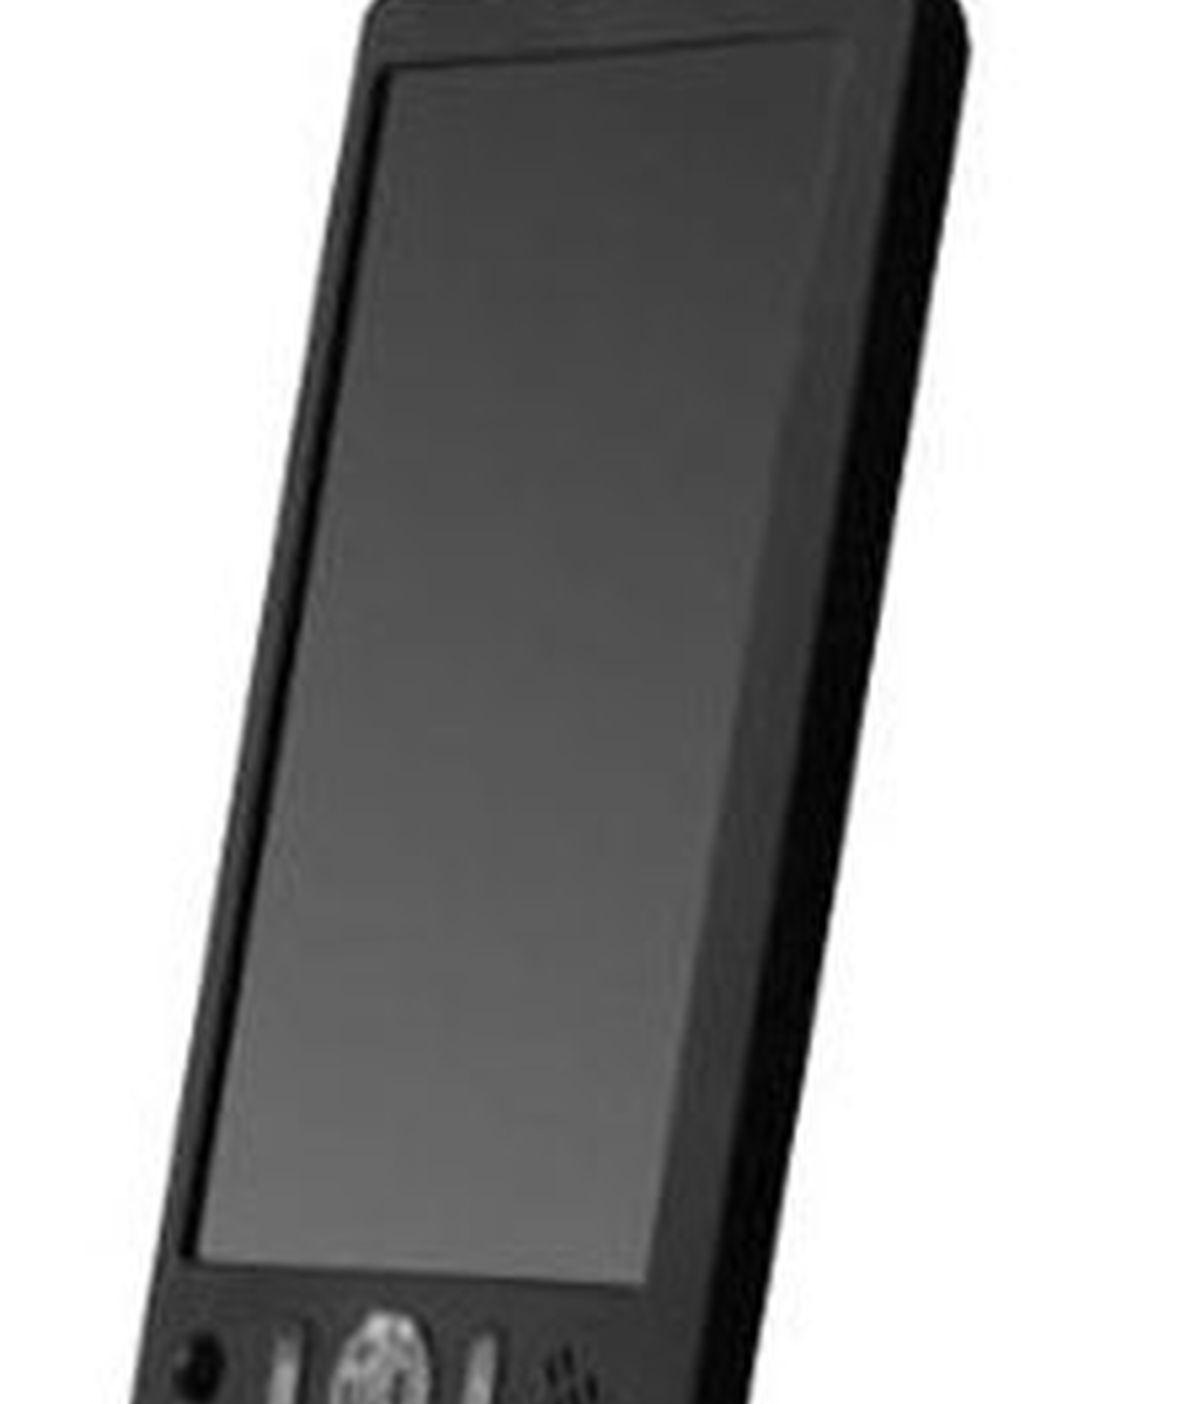 El Gobierno está comprando las primeras unidades del dispositivo, denominado Aakash. Foto: Wikipedia